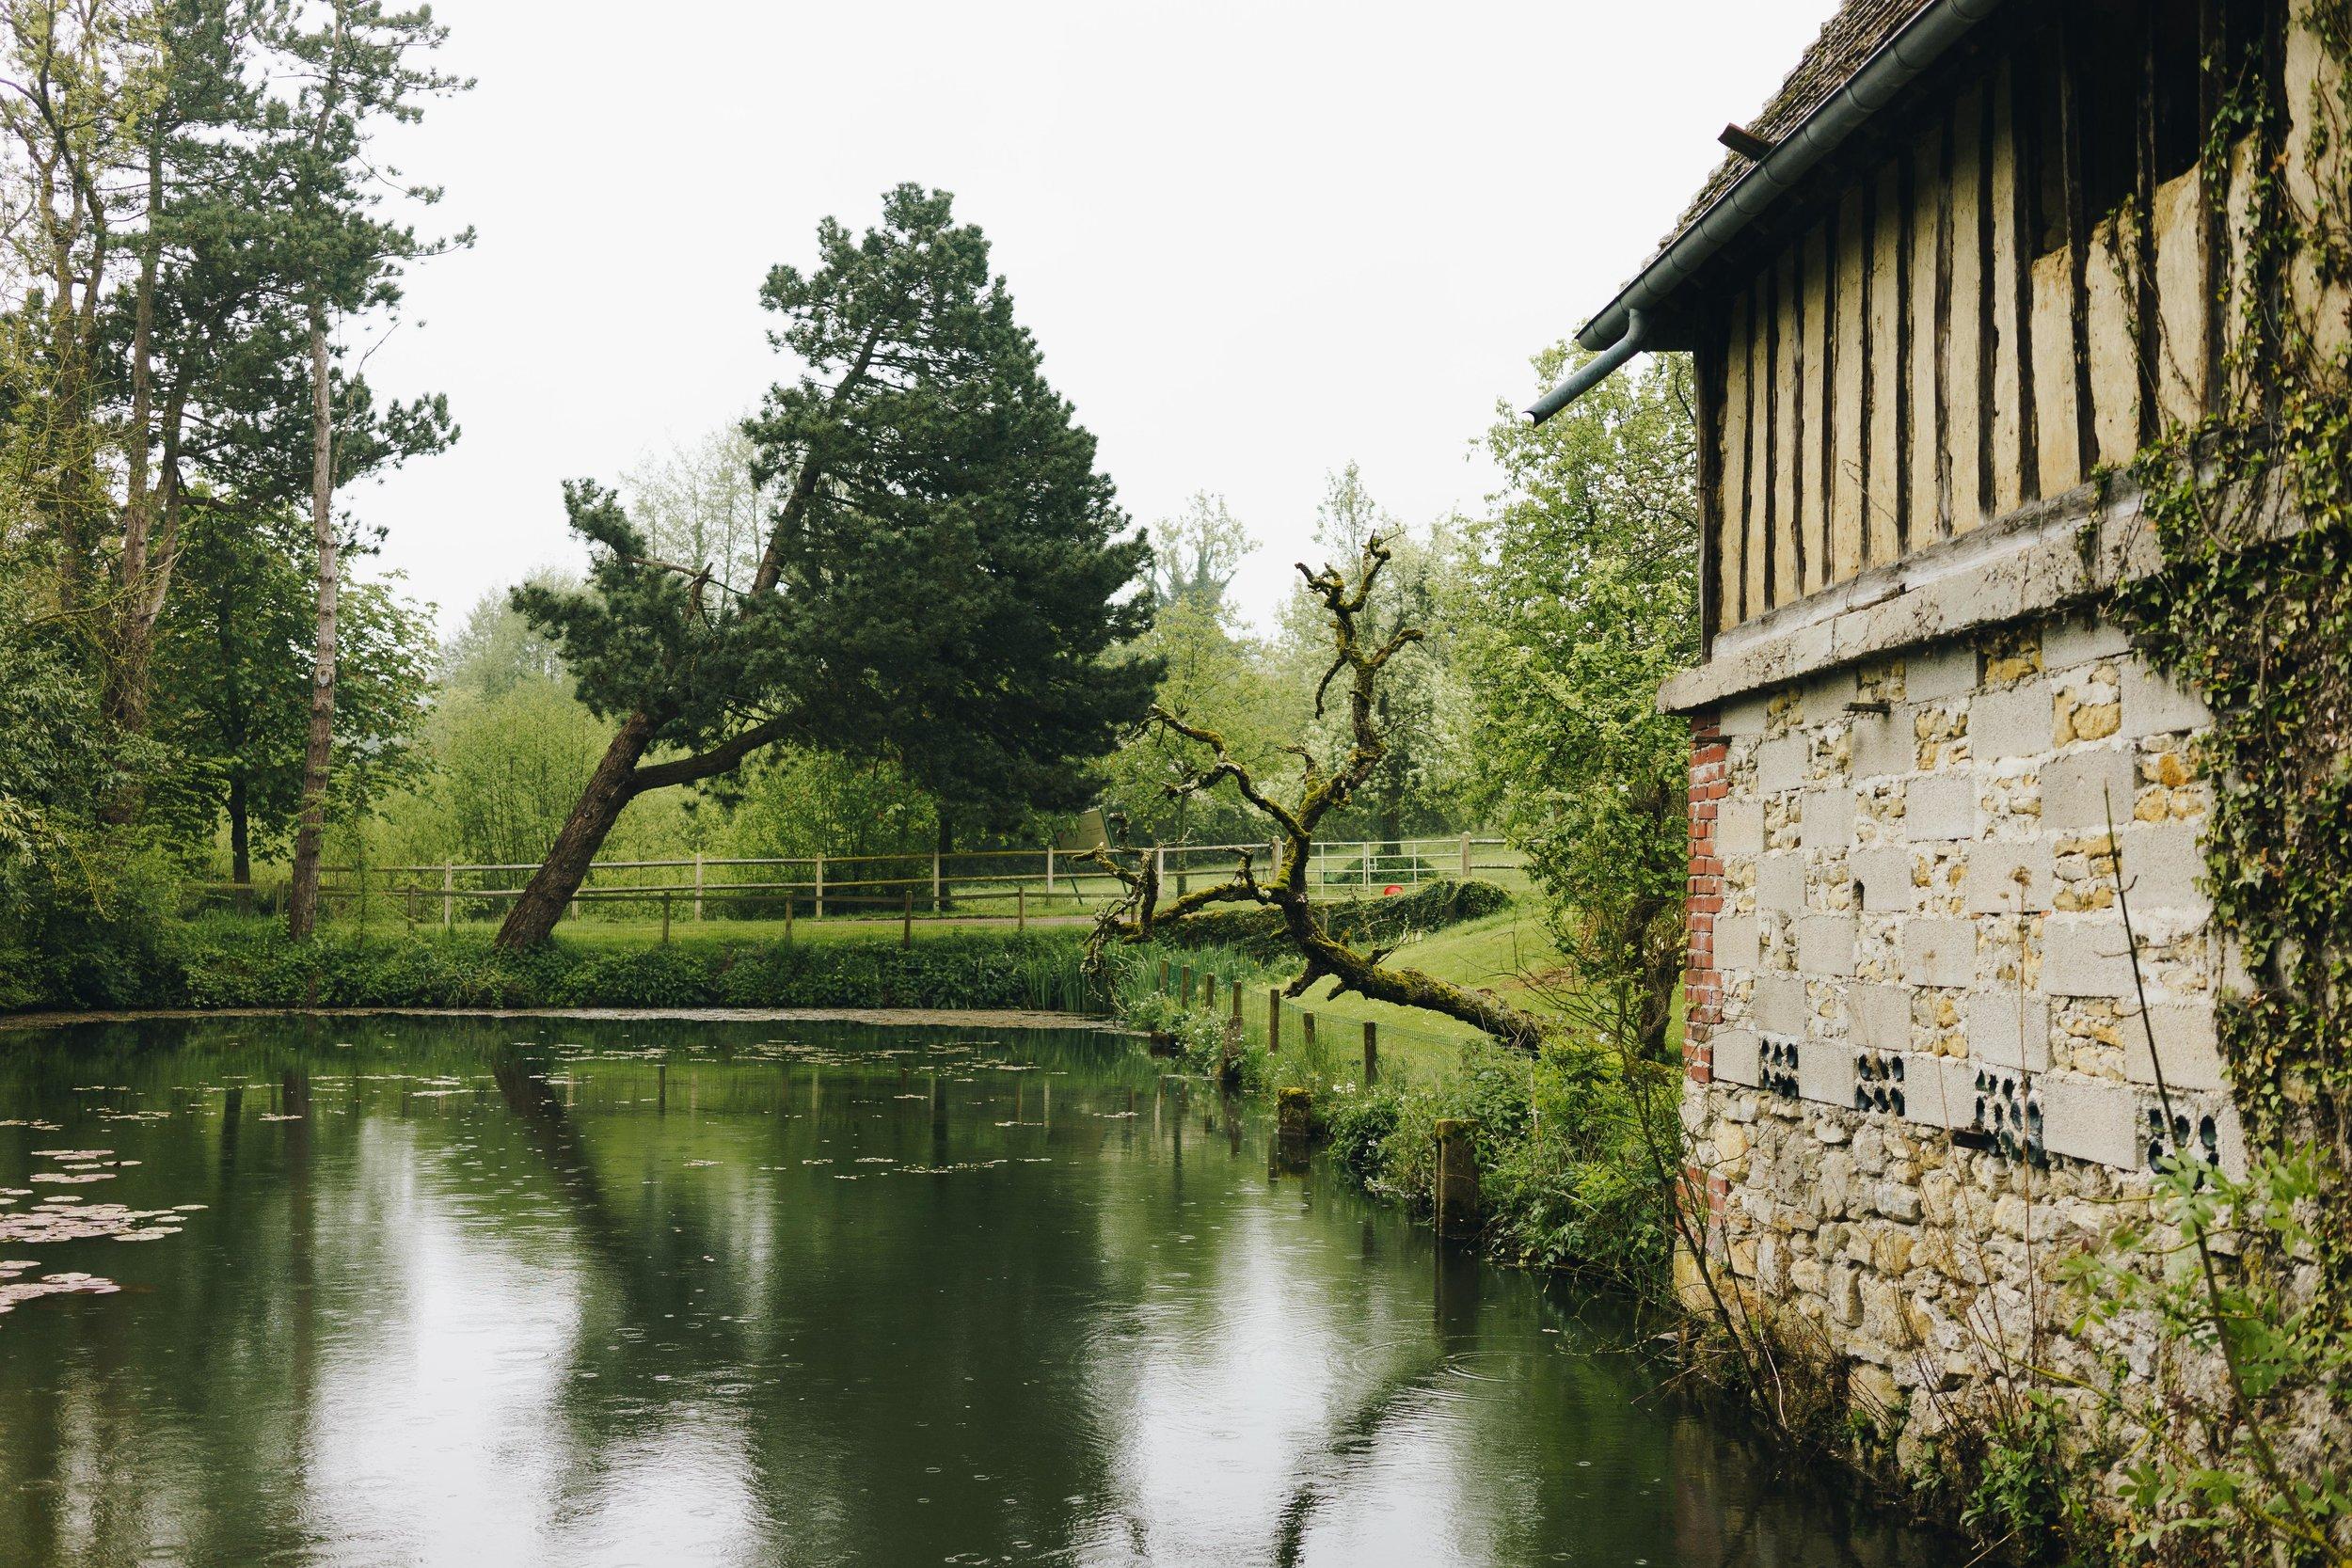 ASROSENVINGE_Normandy-02272.jpg